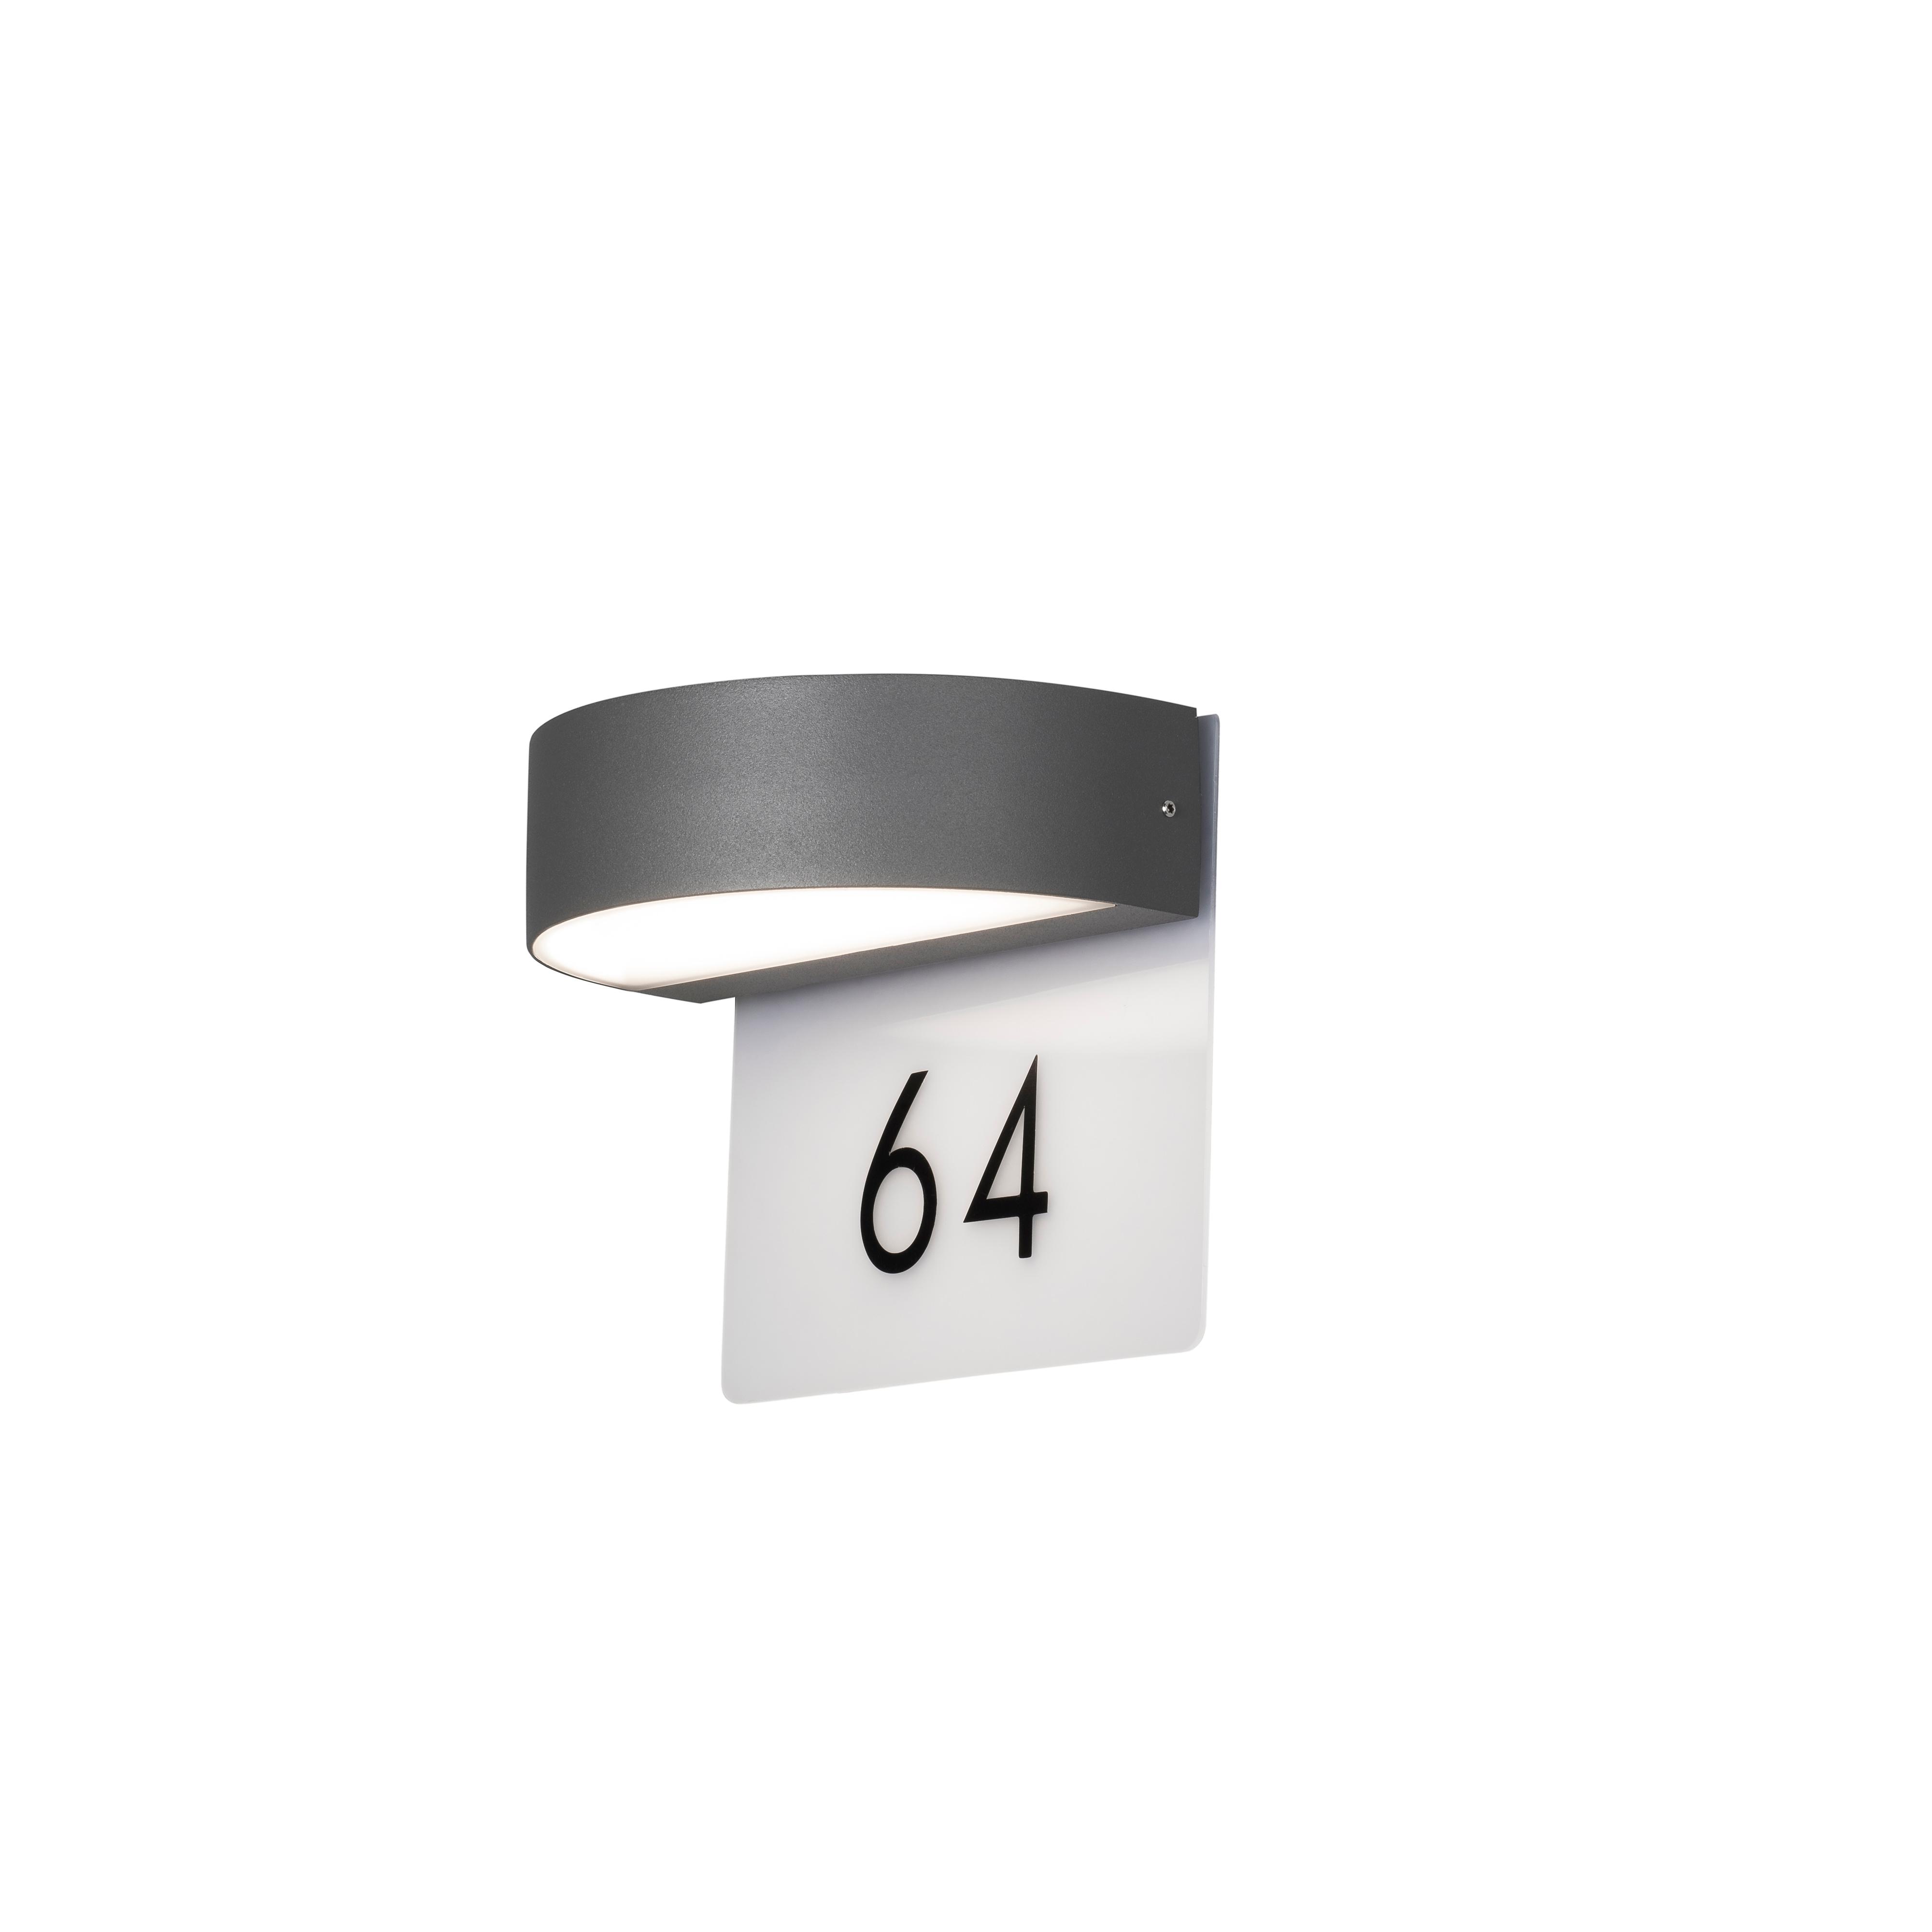 KONSTSMIDE Hausnummern- Wandleuchte